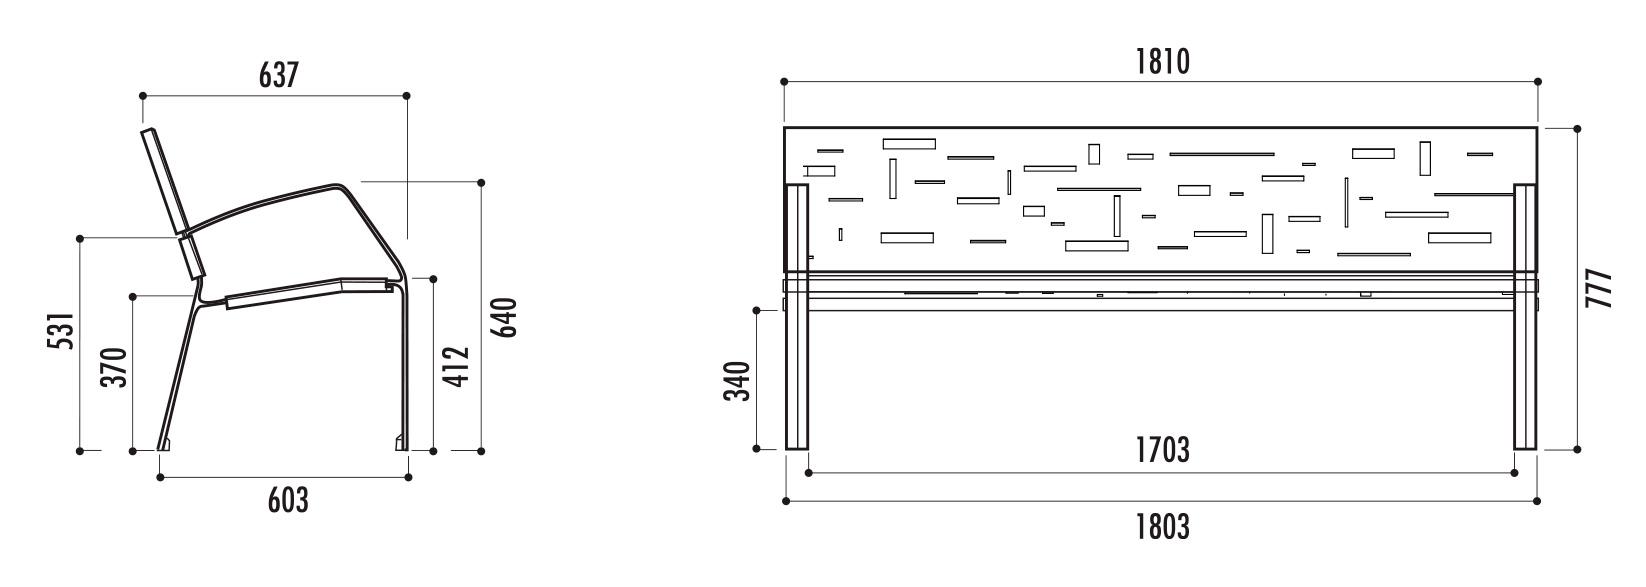 banc public m tallique abstract banc m tallique en t le d 39 acier net collectivit s. Black Bedroom Furniture Sets. Home Design Ideas